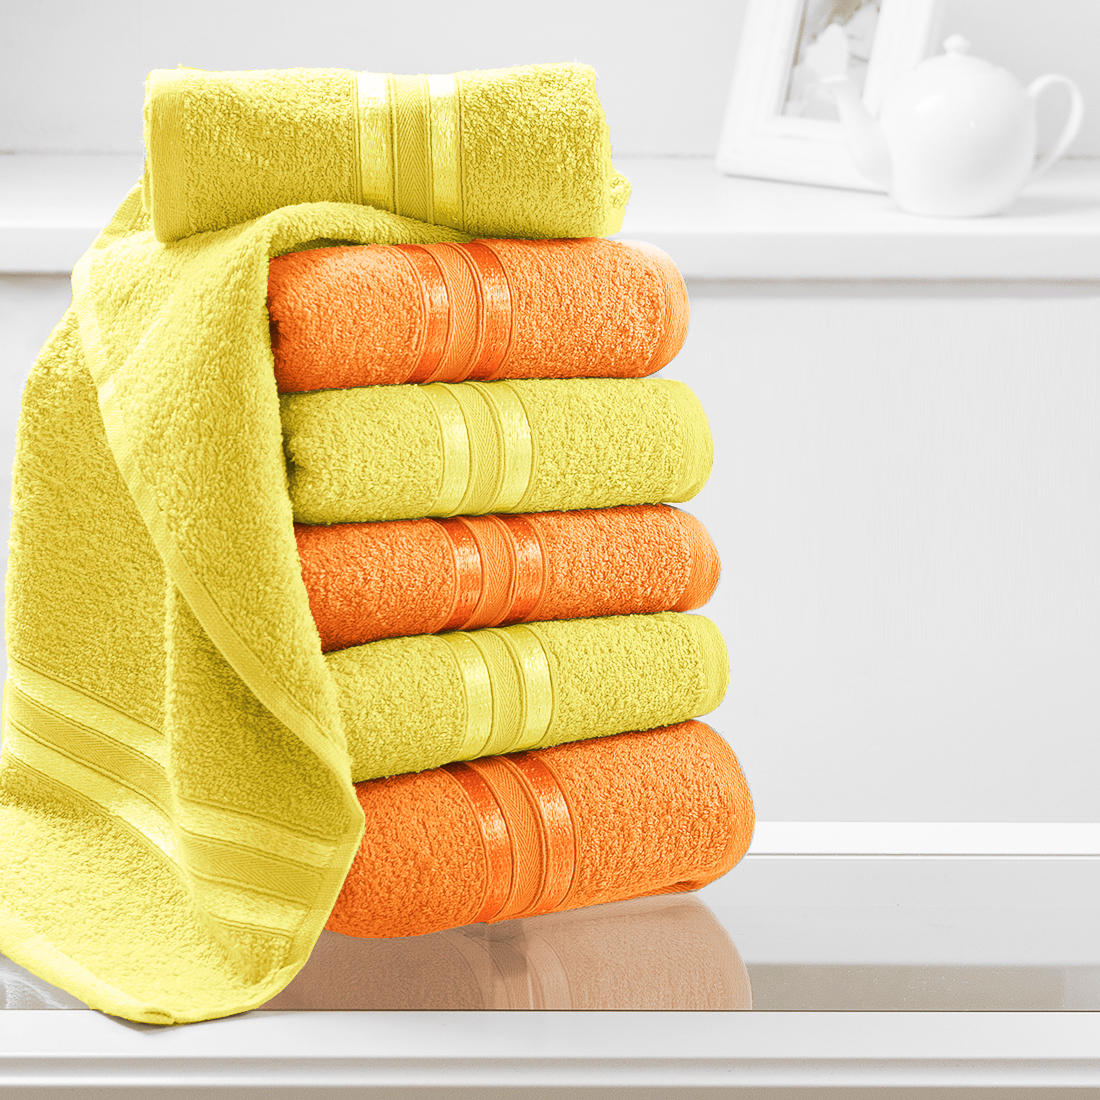 Полотенца Dome Полотенце для рук Harmonika Цвет: Желтый, Оранжевый (33х50 см - 6 шт) усилитель сопротивления для рук aqua sphere ergobells цвет оранжевый 2 шт